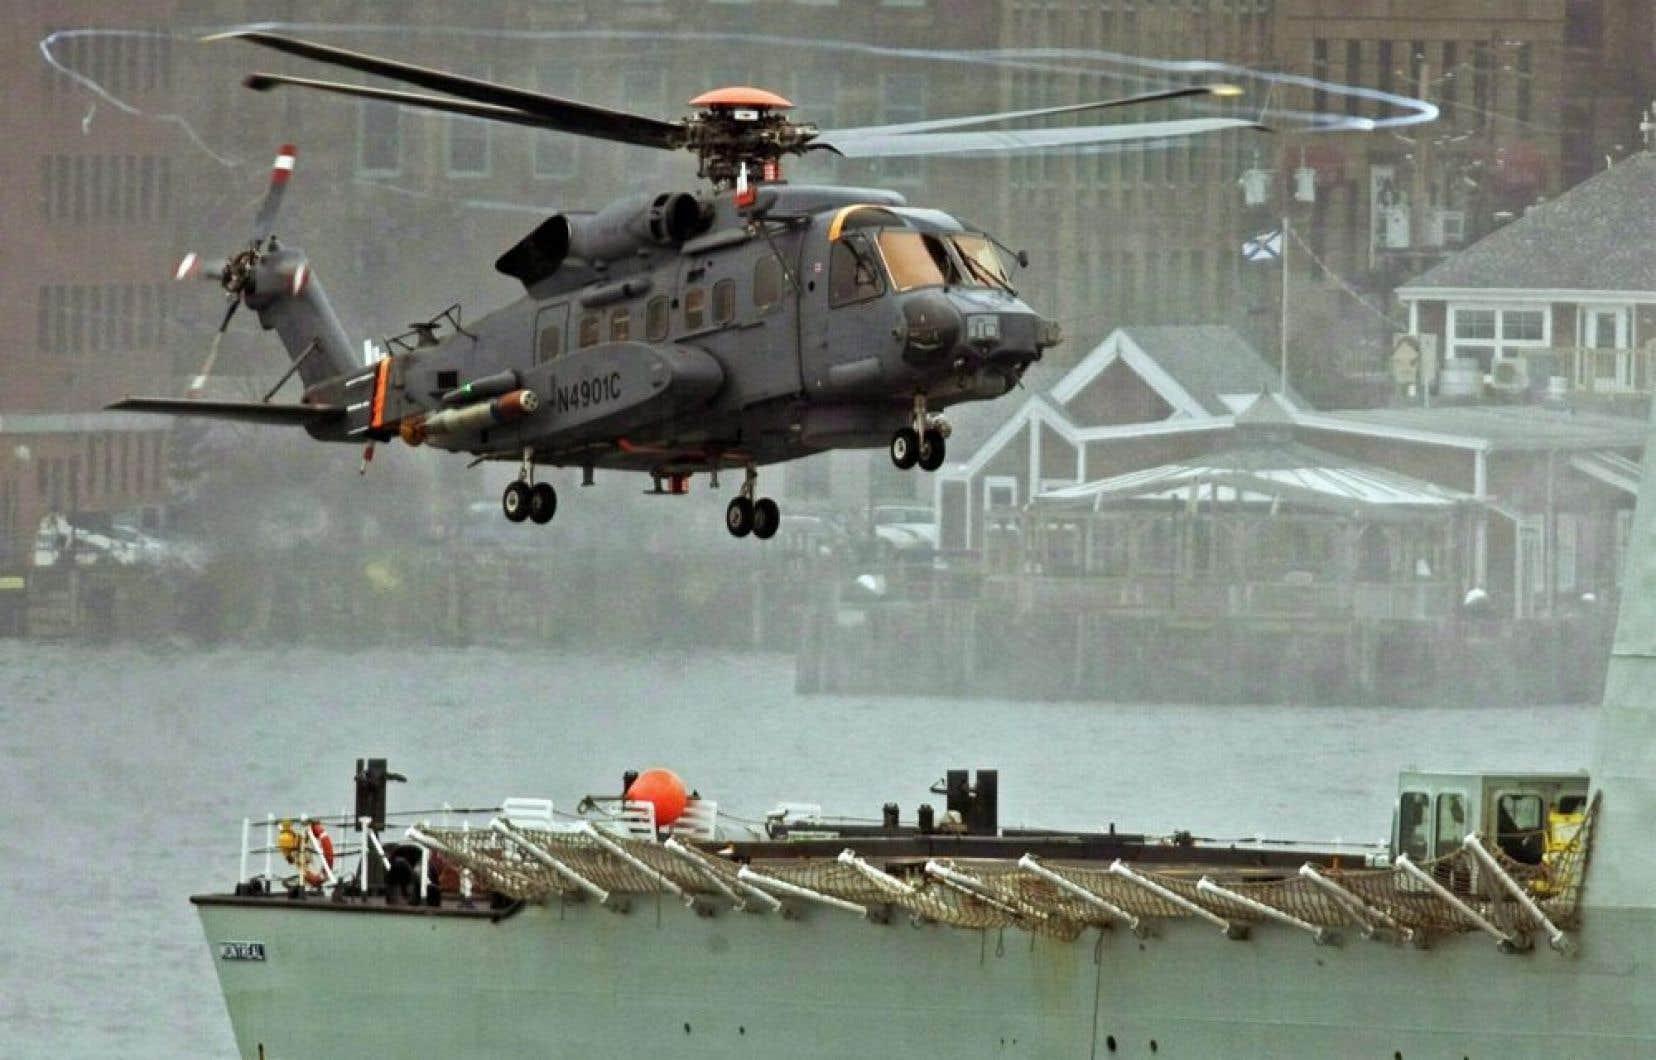 Un communiqué publié vendredi en fin d'après-midi affirme qu'un programme d'amélioration des capacités sera mis en place de manière à obtenir des hélicoptères CH-148 Cyclone pleinement opérationnels en 2018.